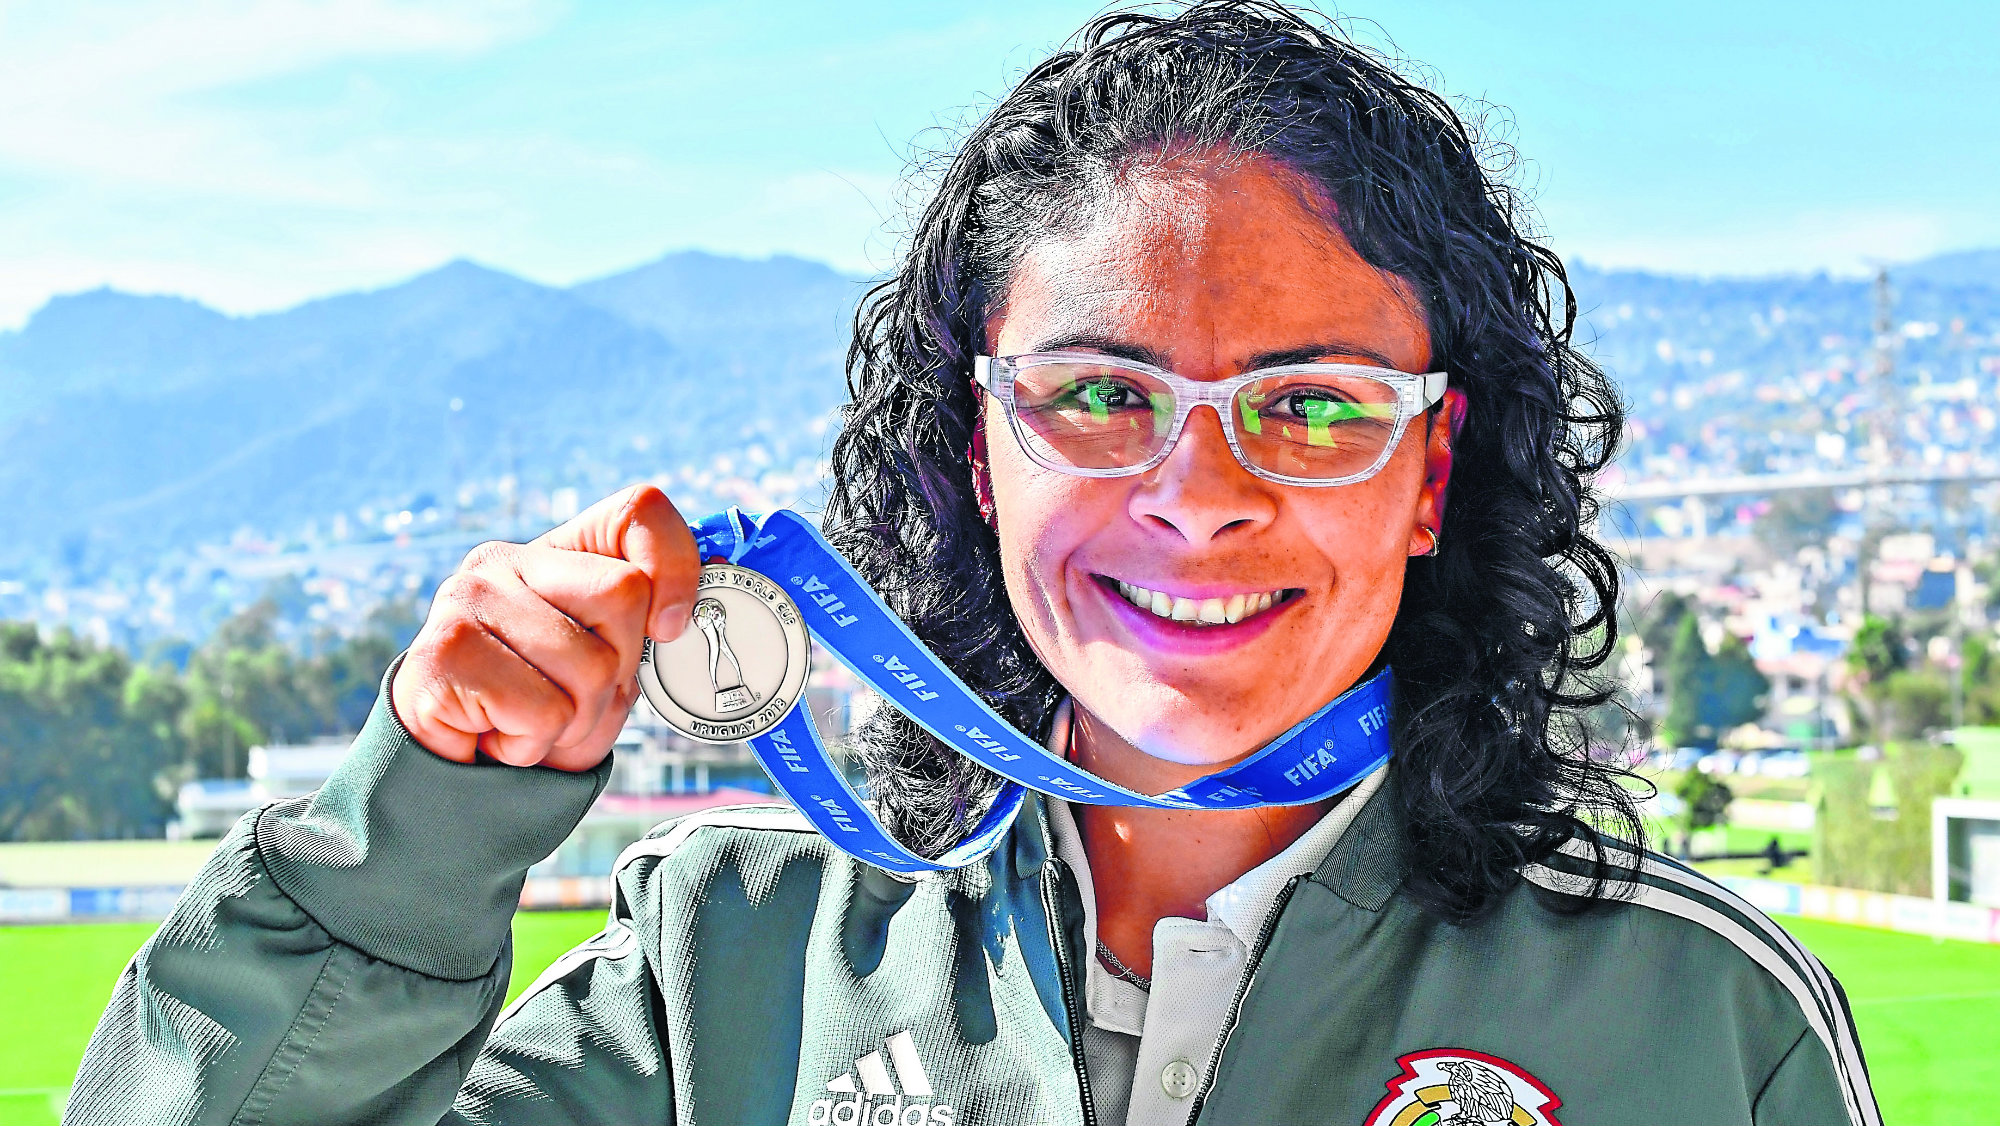 Mónica Vergara Día de la mujer Historias Final Fútbol mundial